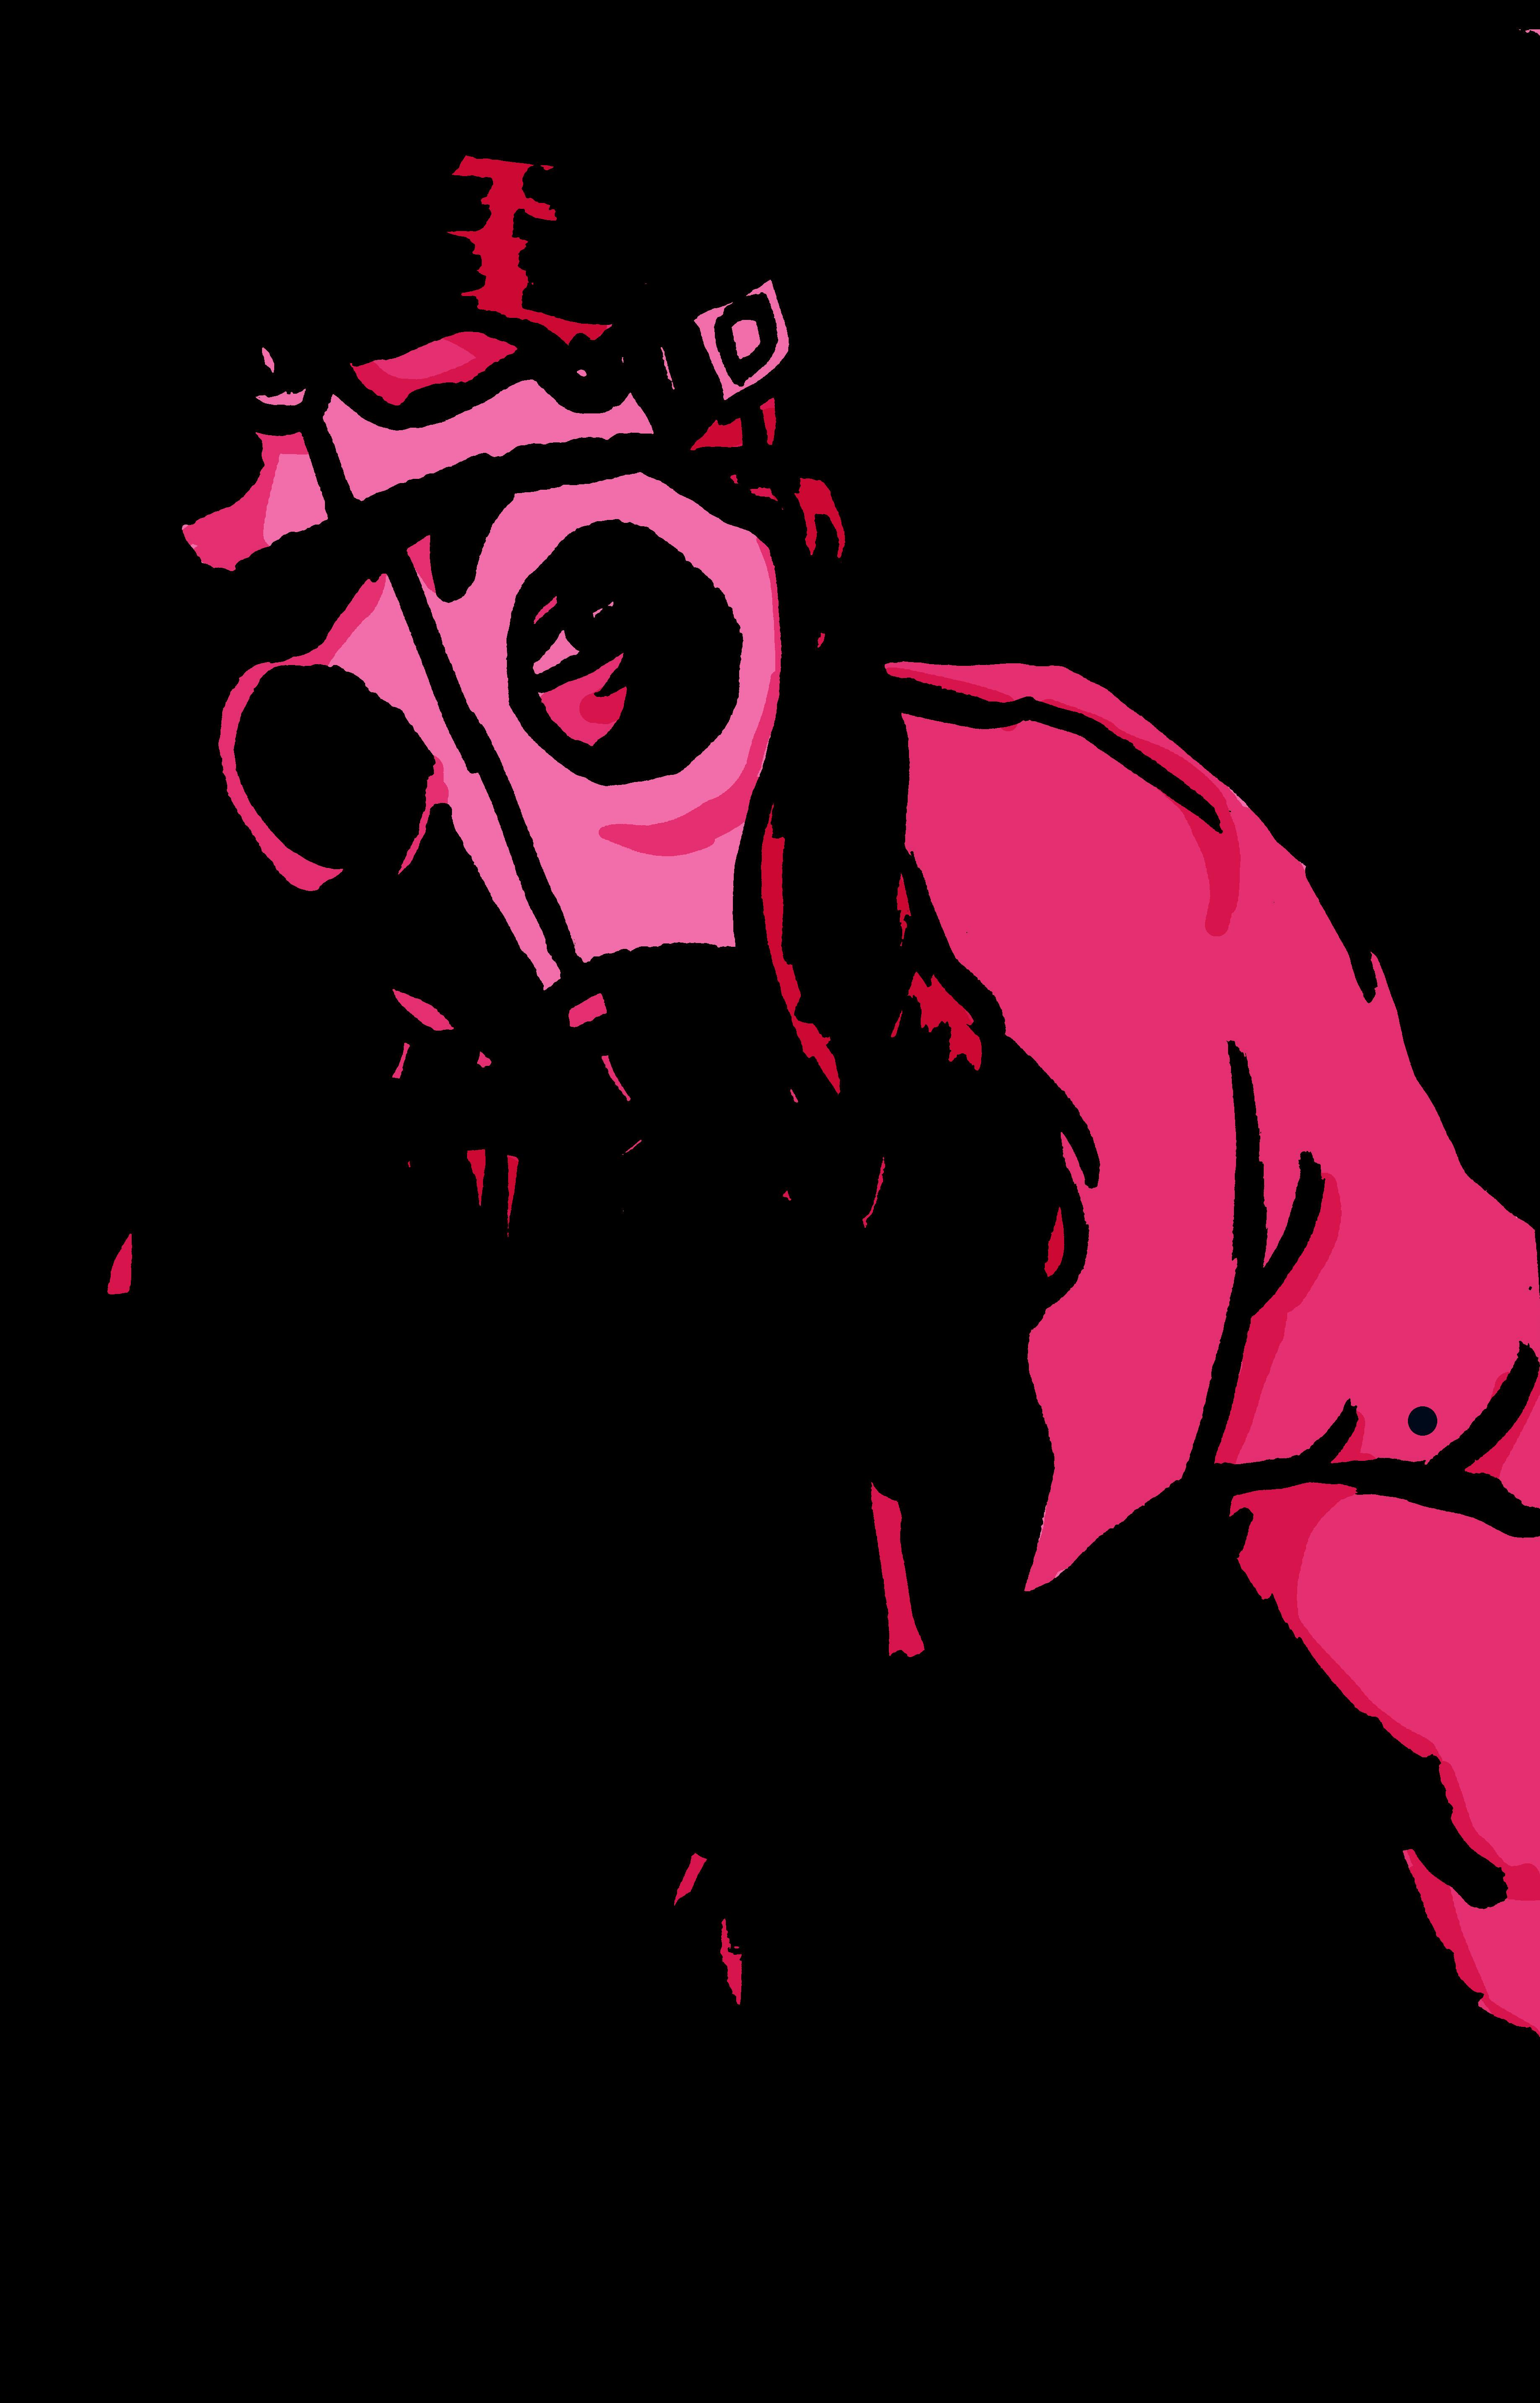 Gas mask girl: pink version